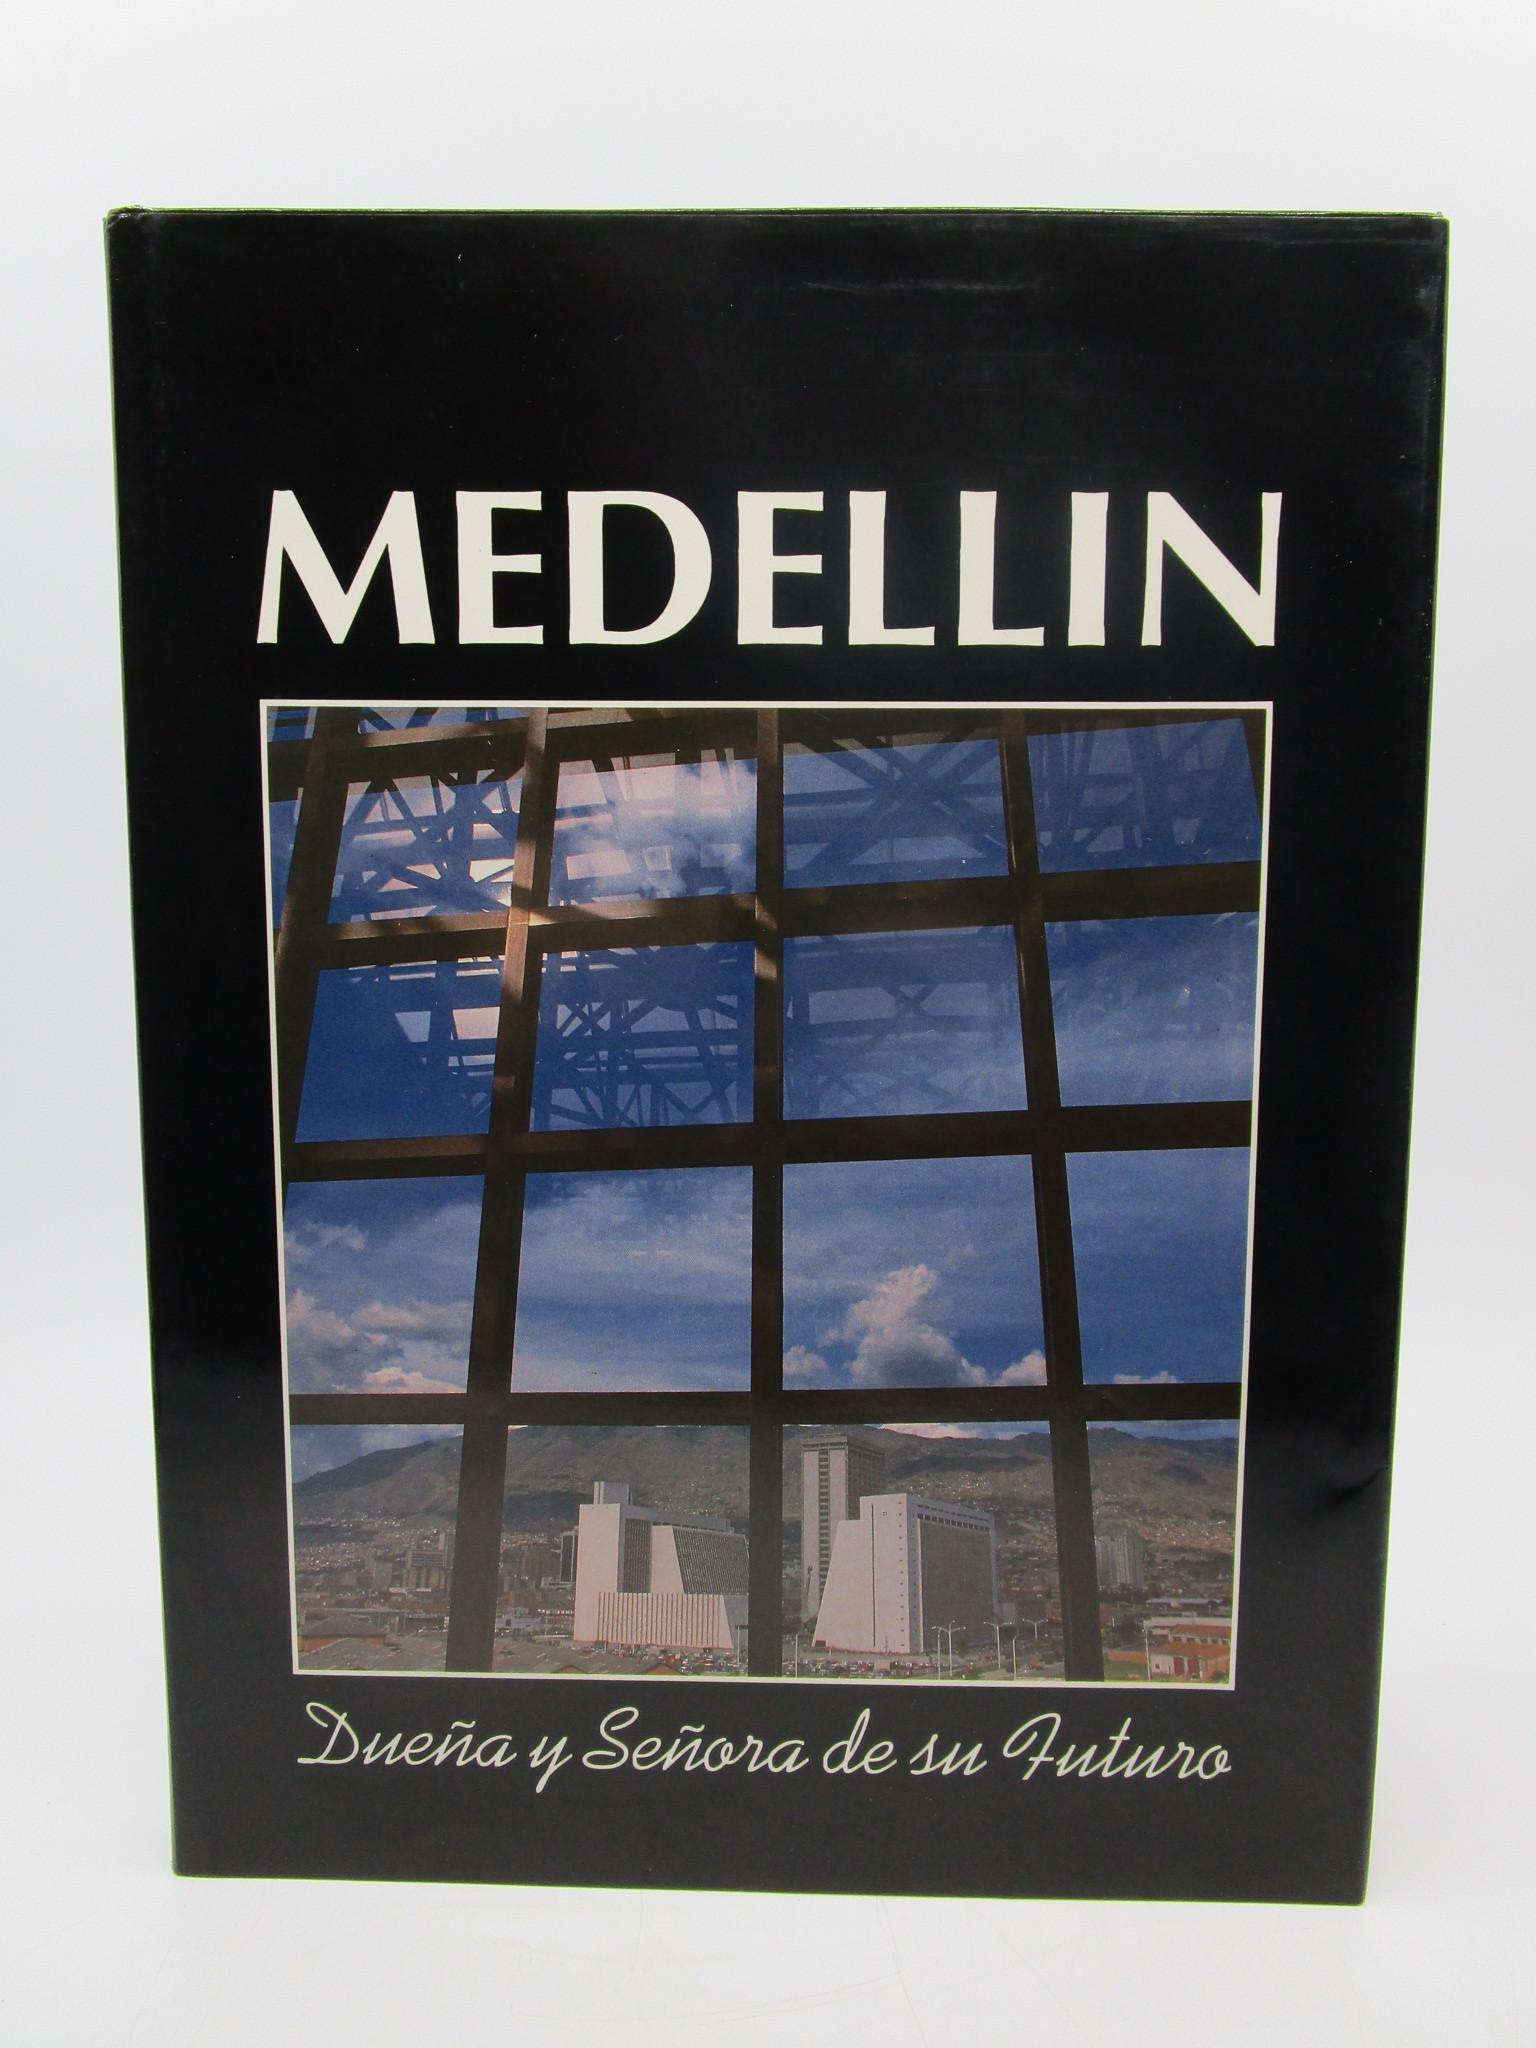 Image for Medellin: Duena y Senora de su Futuro (Spanish Edition)